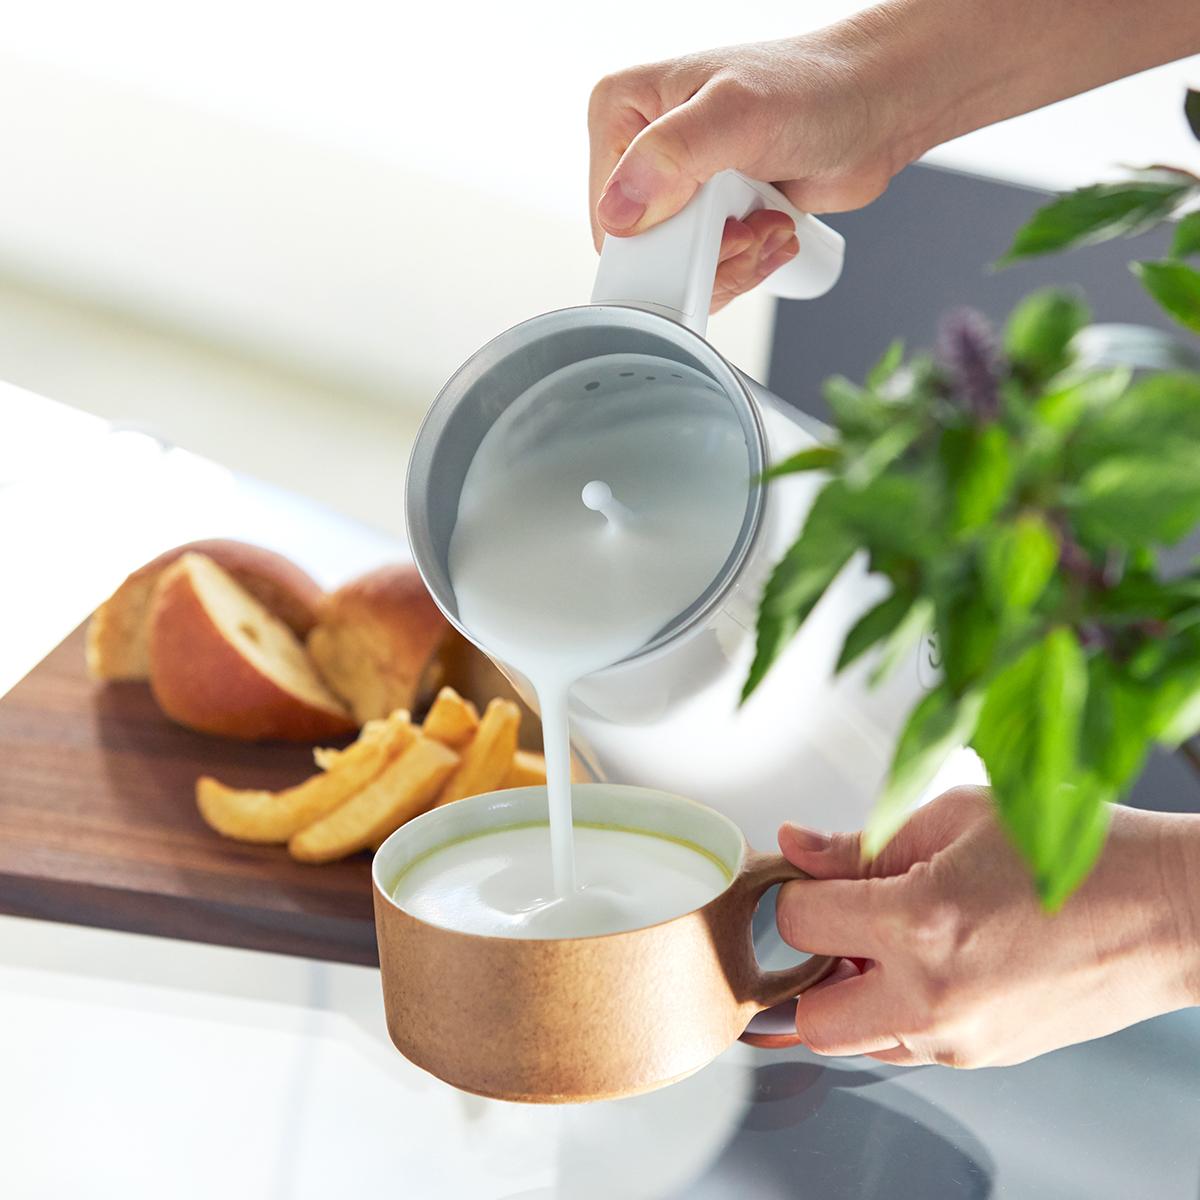 アレンジ次第で豊富なメニューも。思わず唸るほど、キメ細やかでクリーミーなふわふわミルクが簡単に作れる「全自動ミルクフォーマー」|PRINCESS Milk Frother Pro